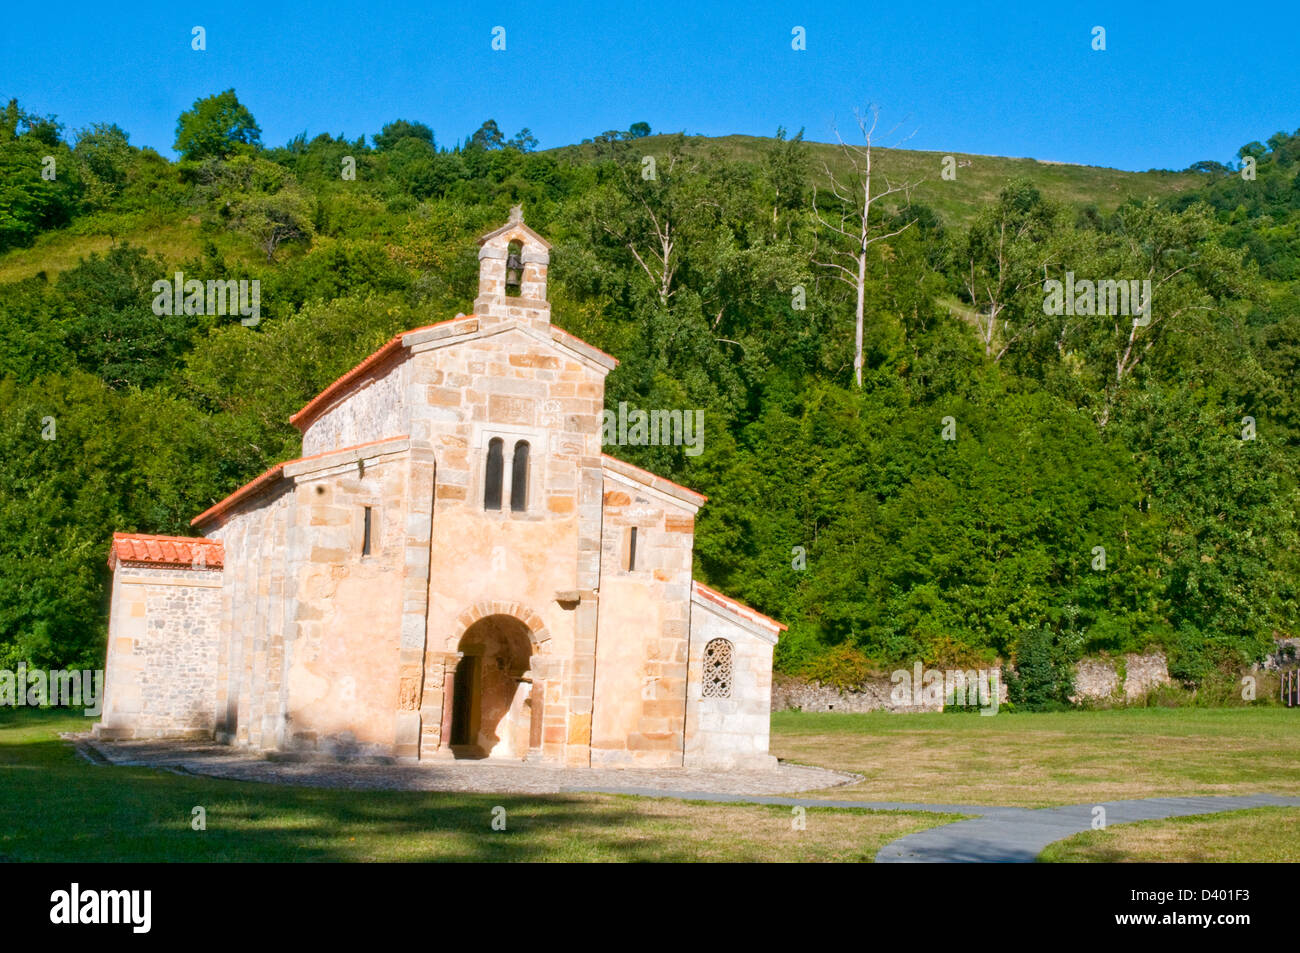 San Salvador monastery. Valdedios, Asturias, Spain. - Stock Image